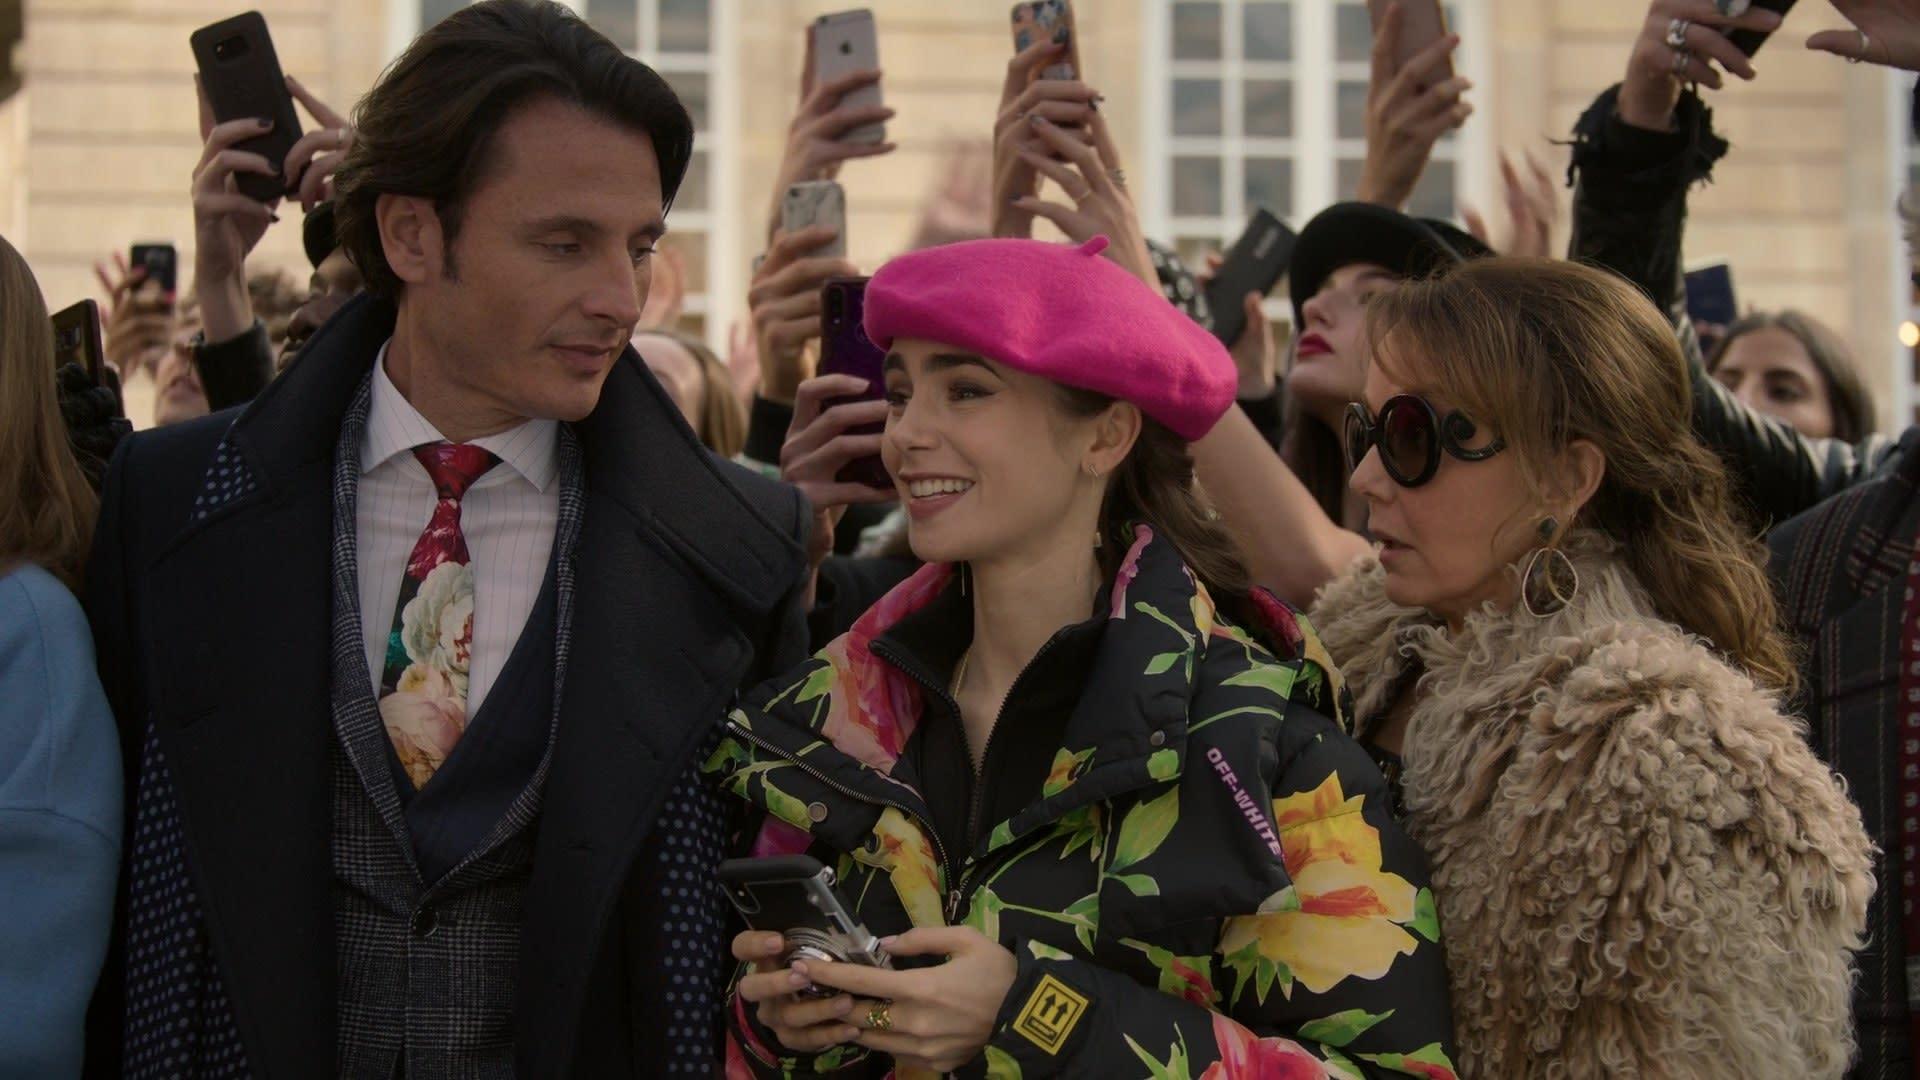 Uma mulher de boina rosa choque, casaco esportivo floral, no meio de uma multidão.